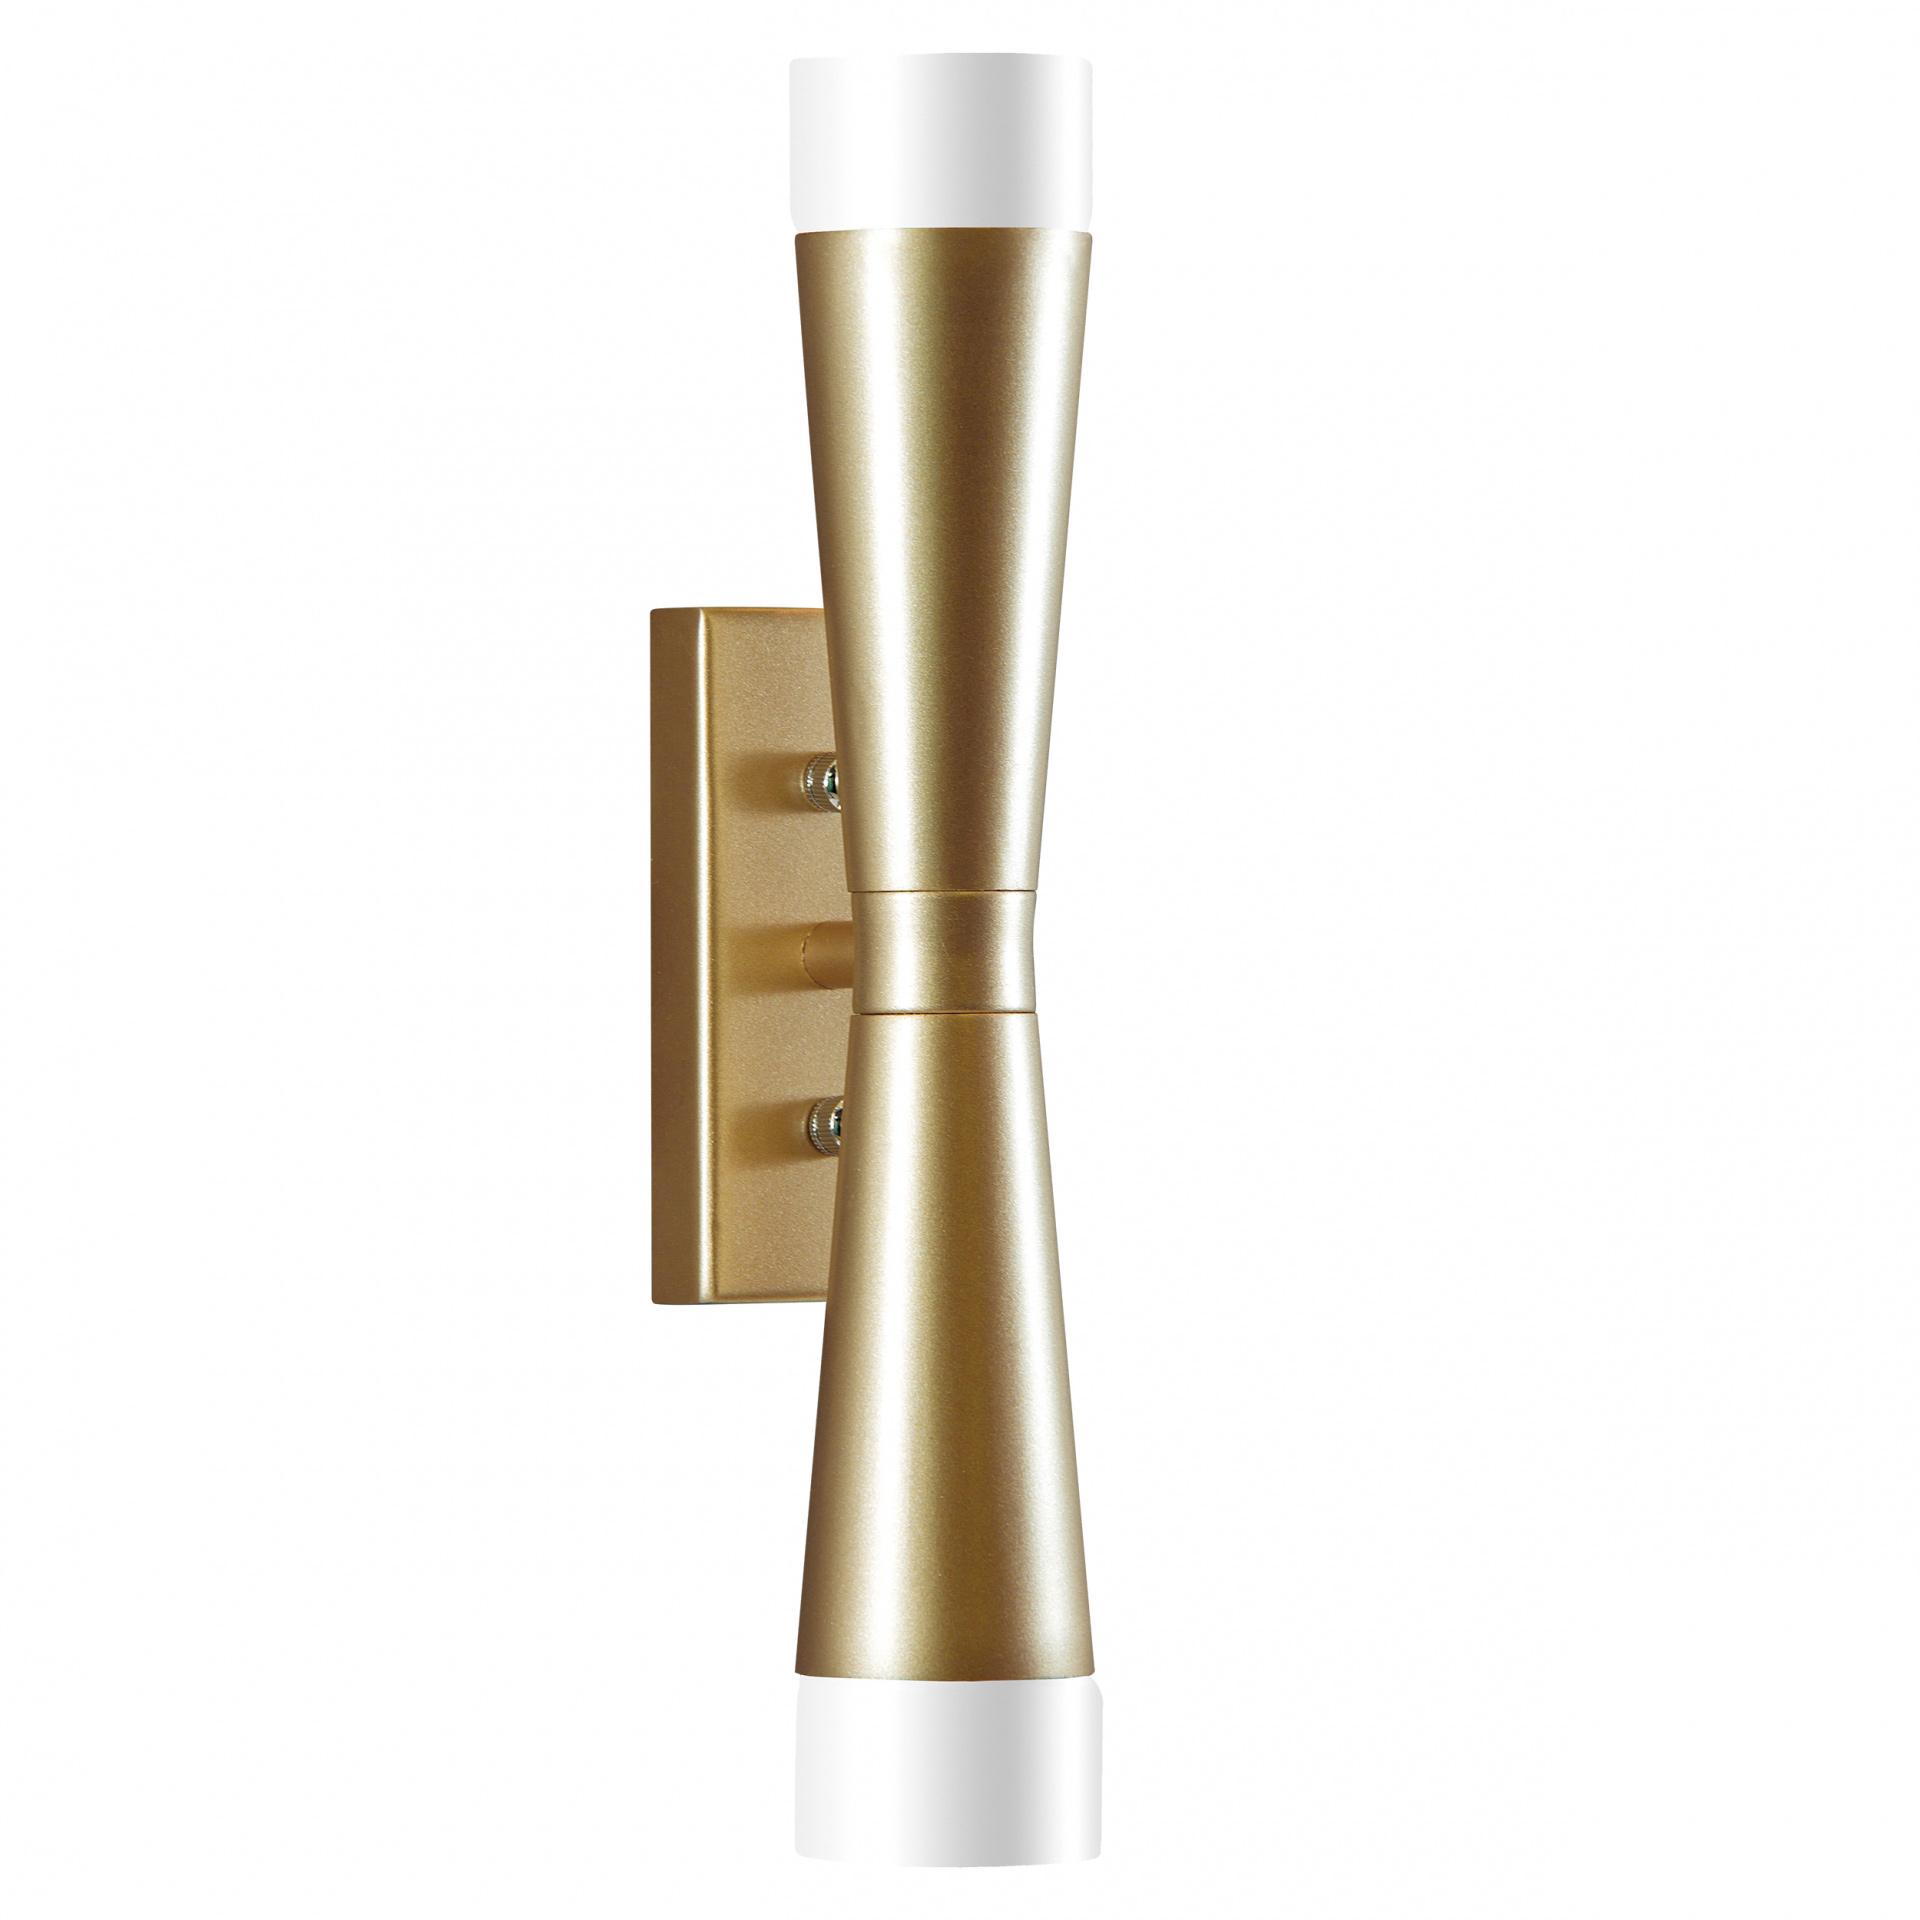 Бра Punto 2х7W G9 (Led) шампань Lightstar 807623, купить в СПб, Москве, с доставкой, Санкт-Петербург, интернет-магазин люстр и светильников Starlight, фото в жизни